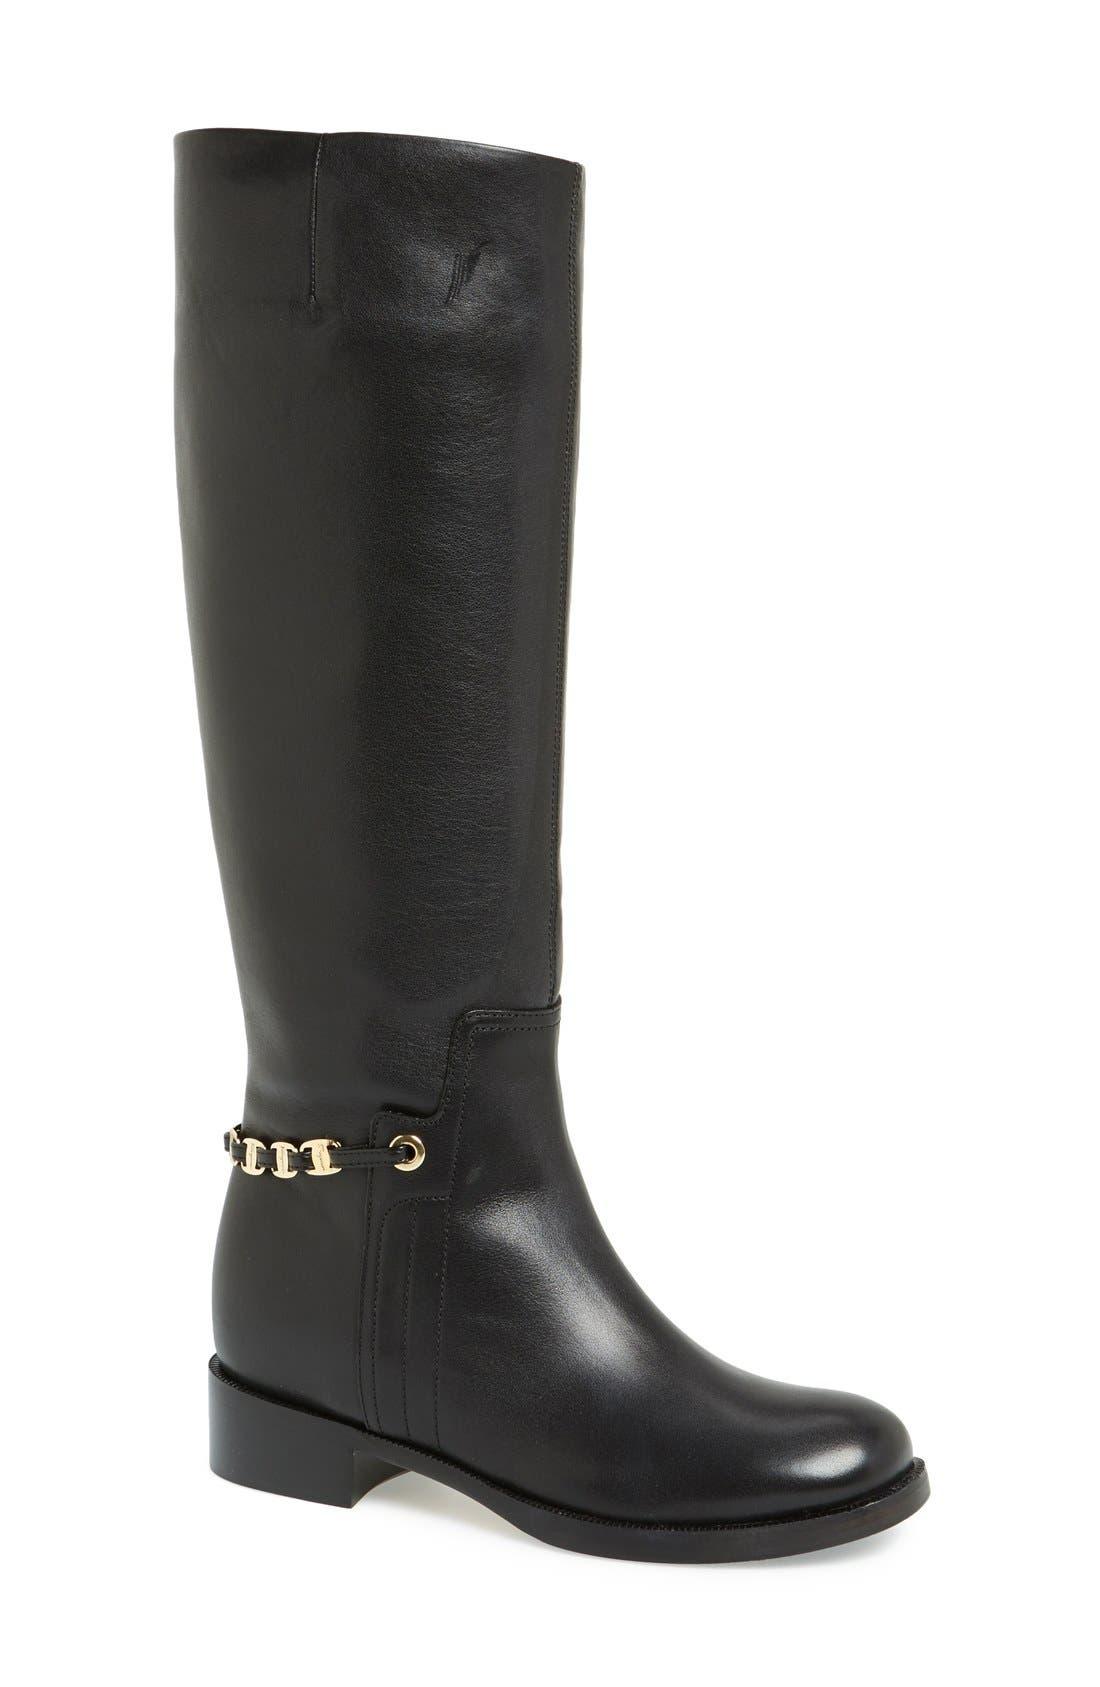 Main Image - Salvatore Ferragamo 'Nando' Chain Trim Leather Boot (Women)